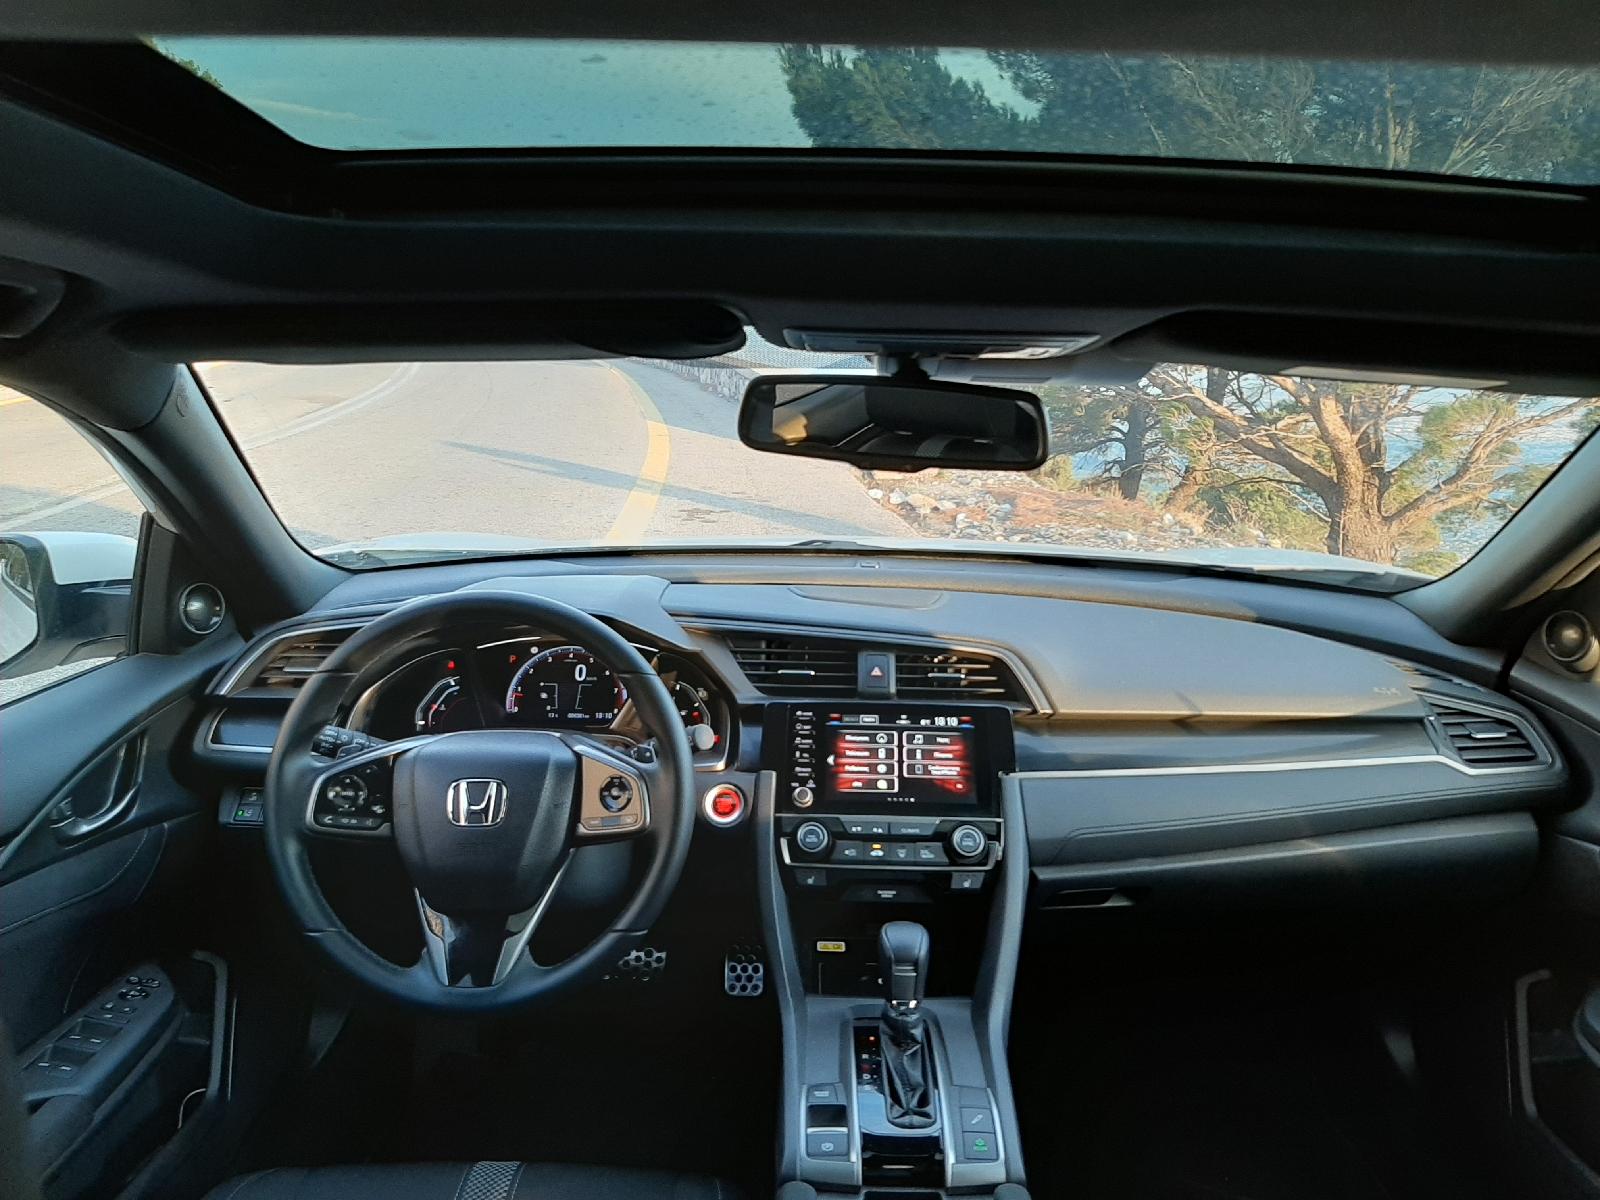 1604962941477336 2 Οδηγούμε το Honda Civic 1,5 Vtec turbo Honda, Honda Civic, TEST, ΔΟΚΙΜΕΣ, οδηγούμε